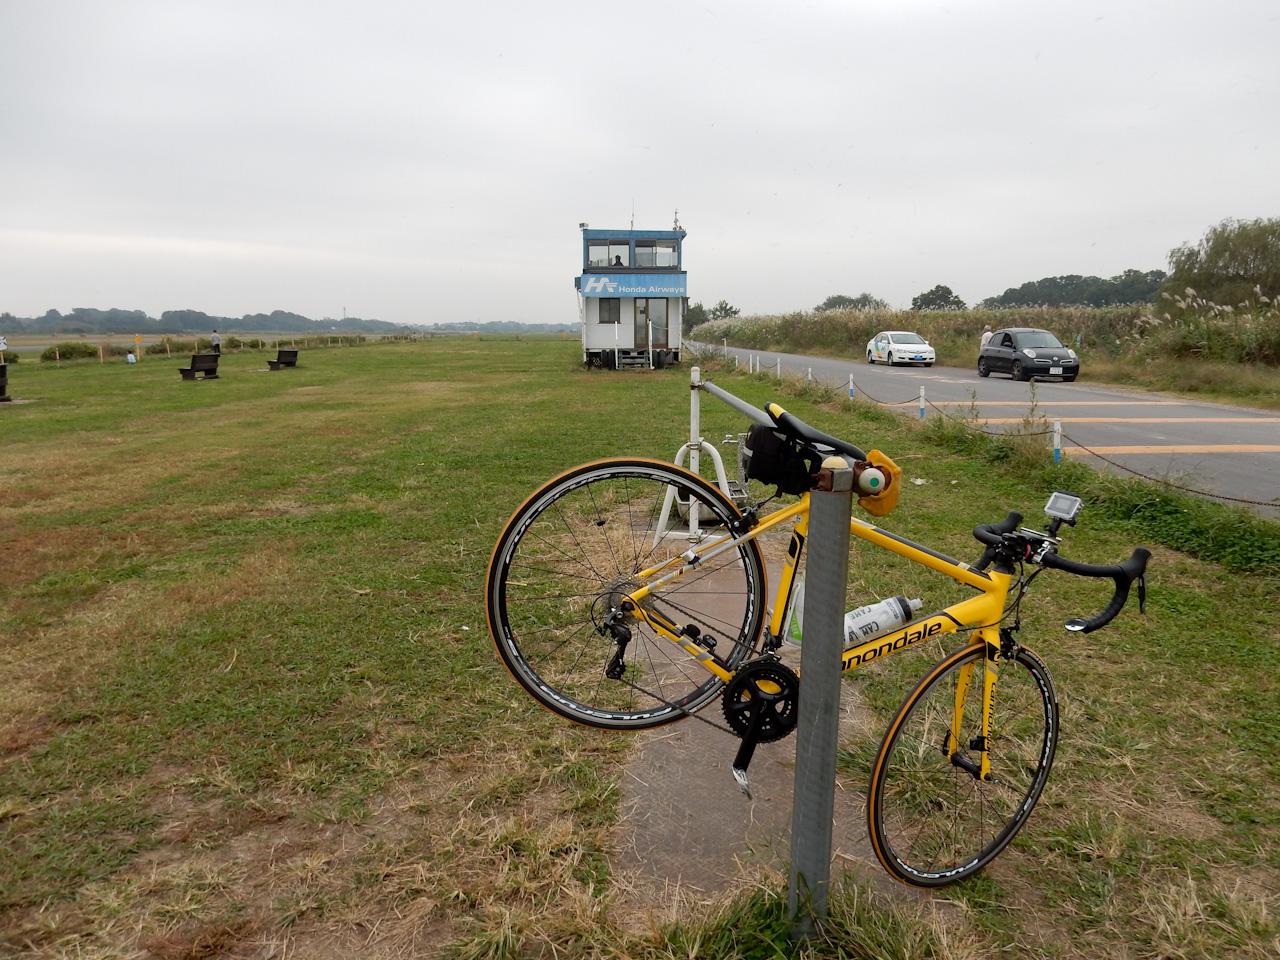 荒川サイクリングロード ホンダエアポート